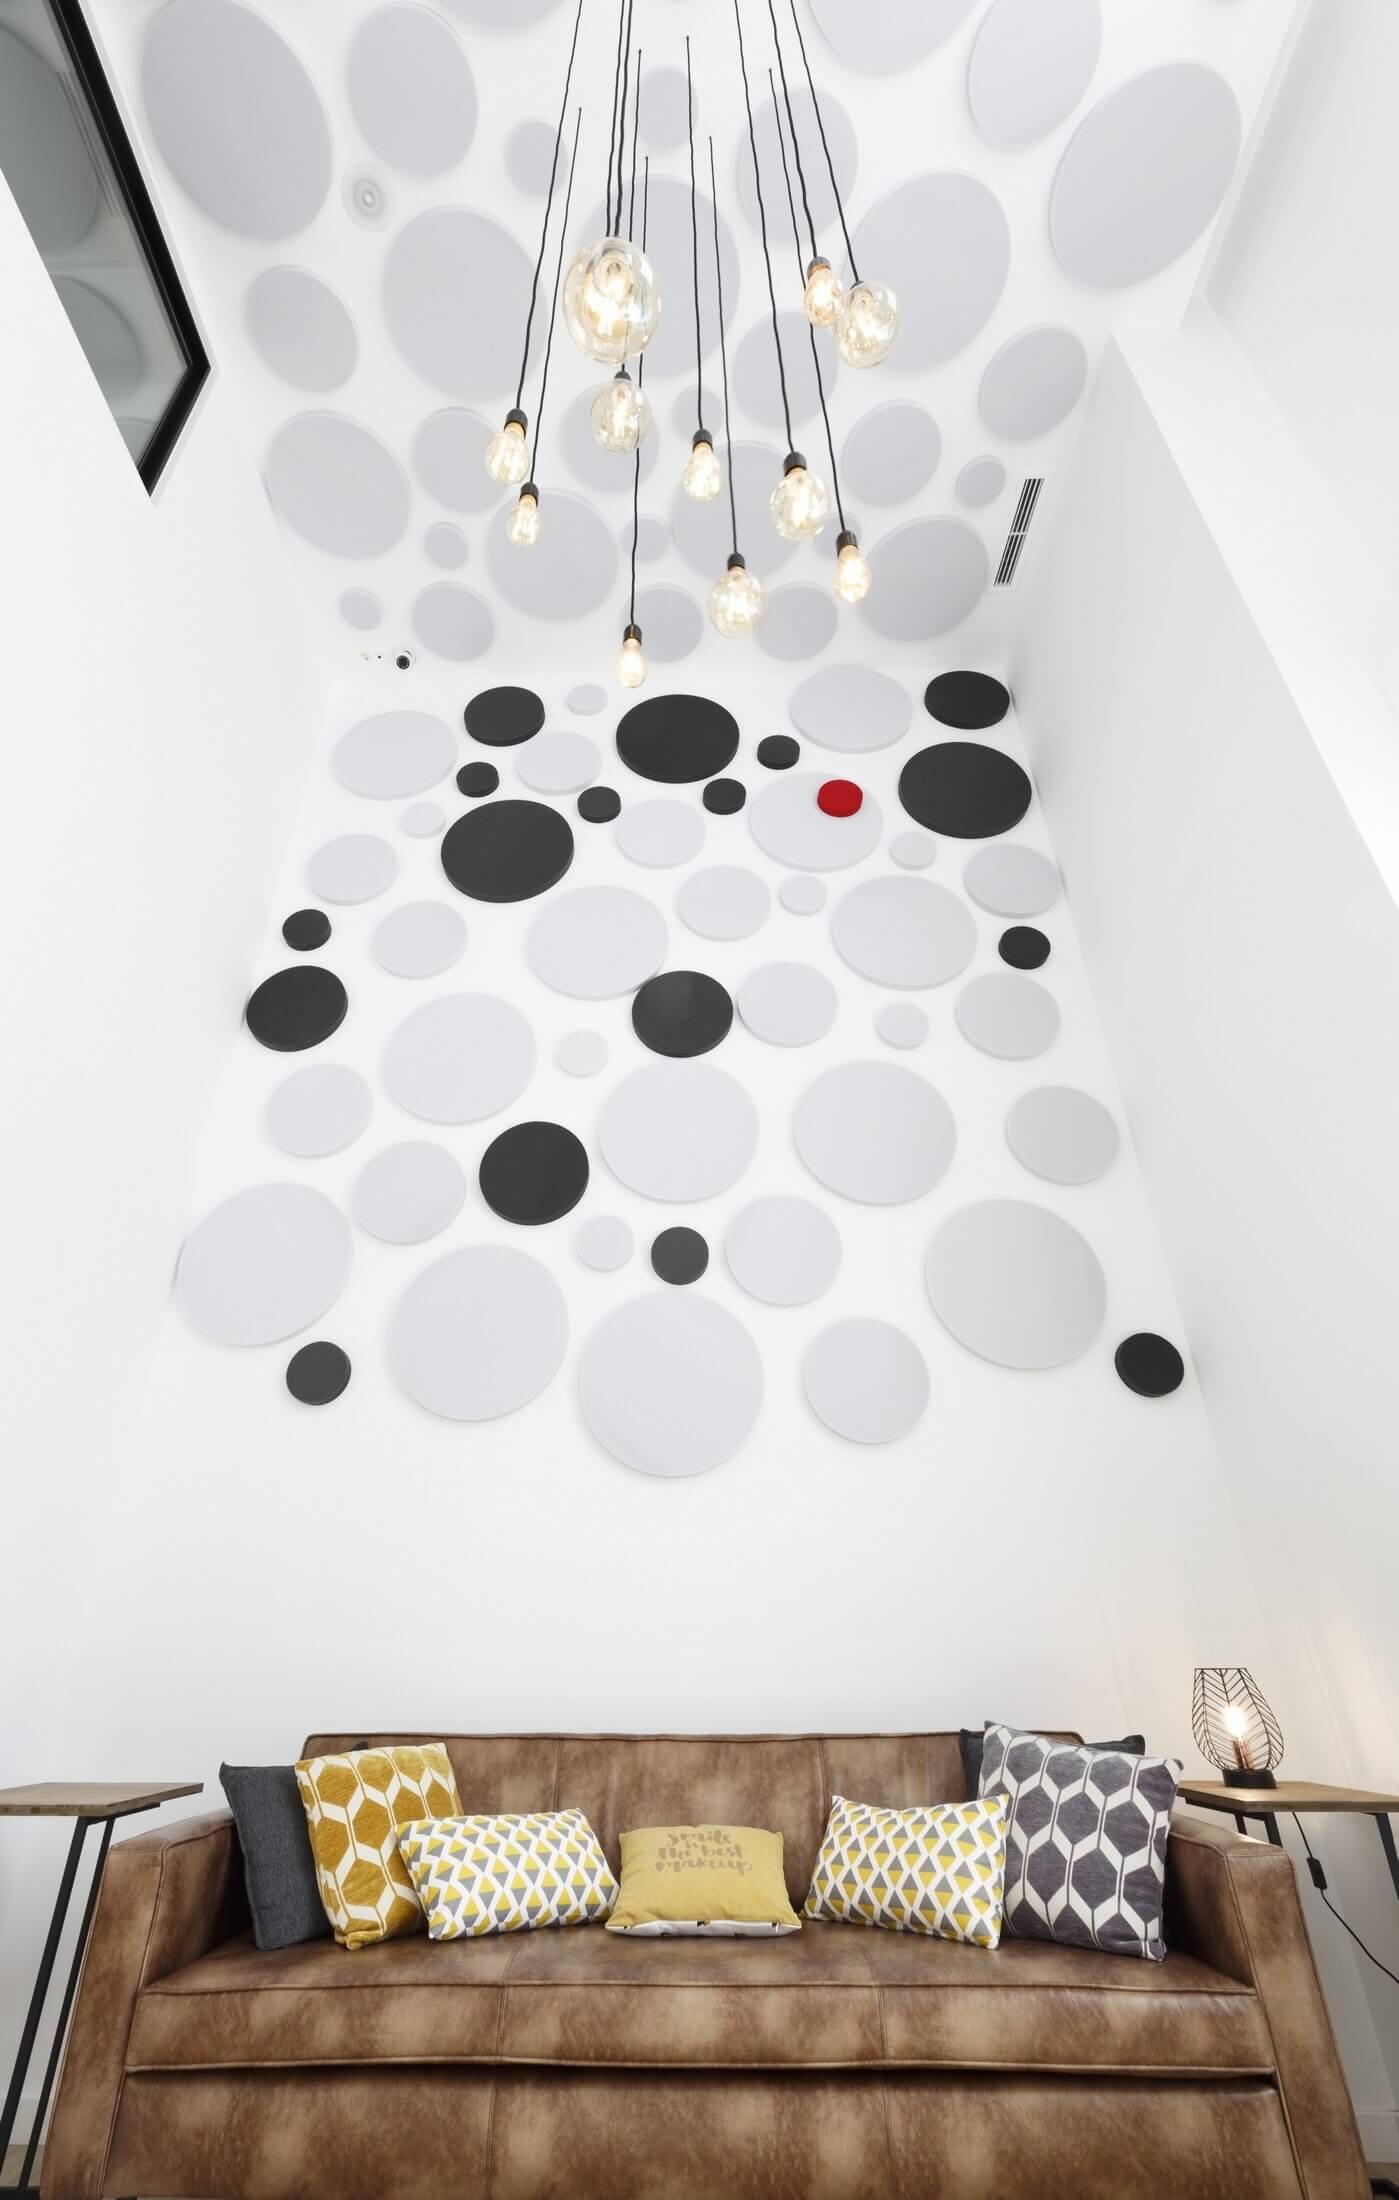 Panneau acoustique design pour les murs et le plafond.